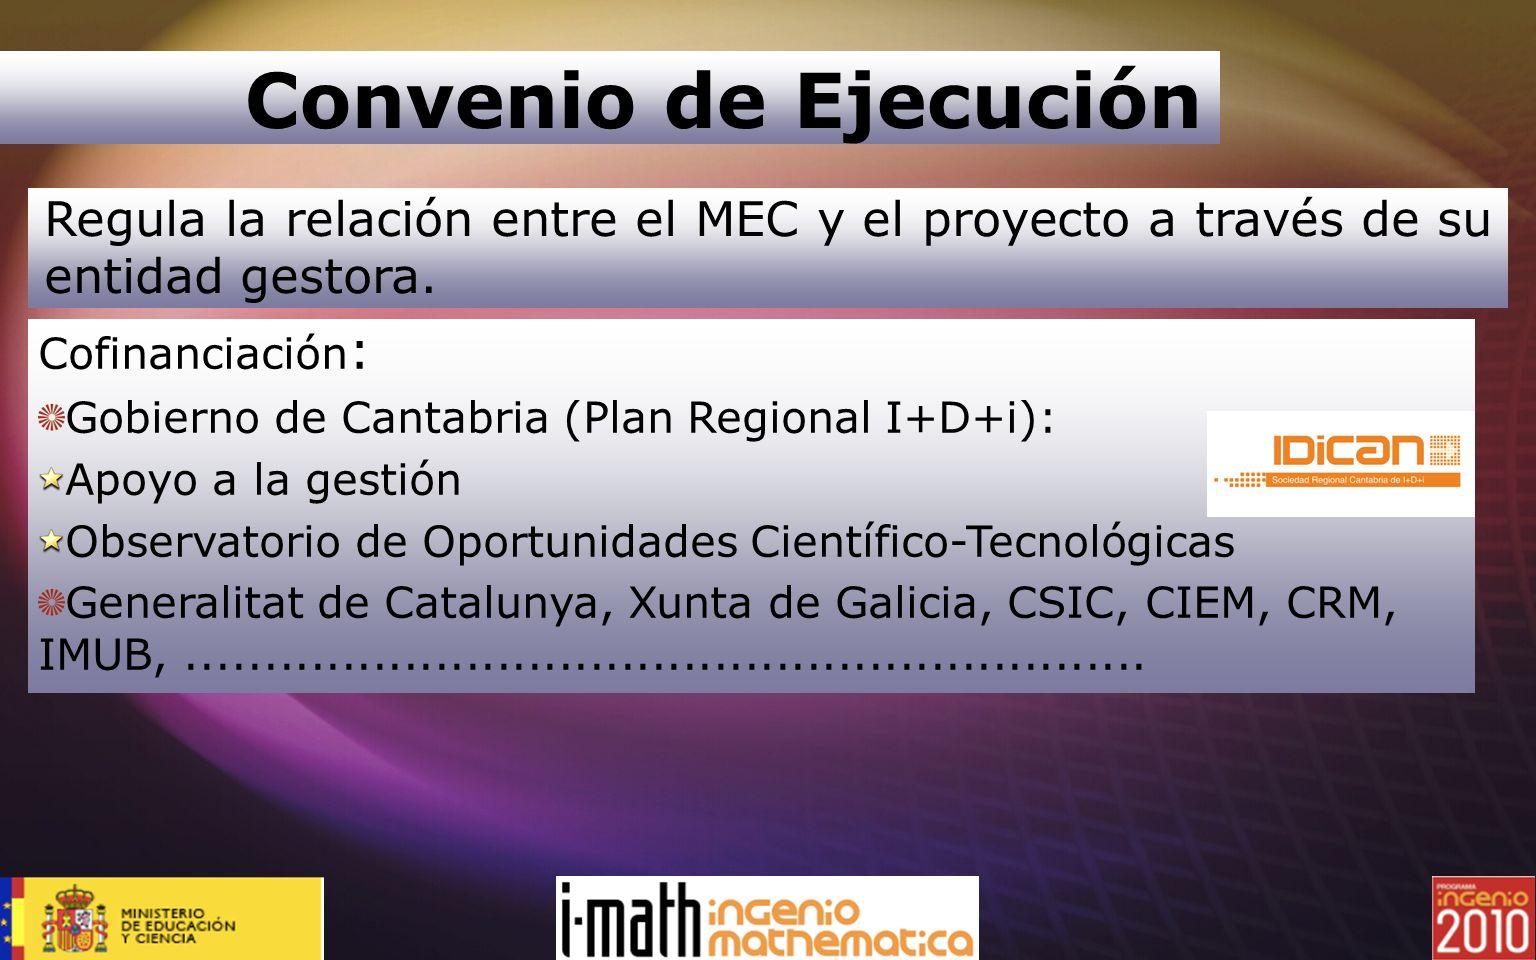 Convenio de EjecuciónRegula la relación entre el MEC y el proyecto a través de su entidad gestora. Cofinanciación: